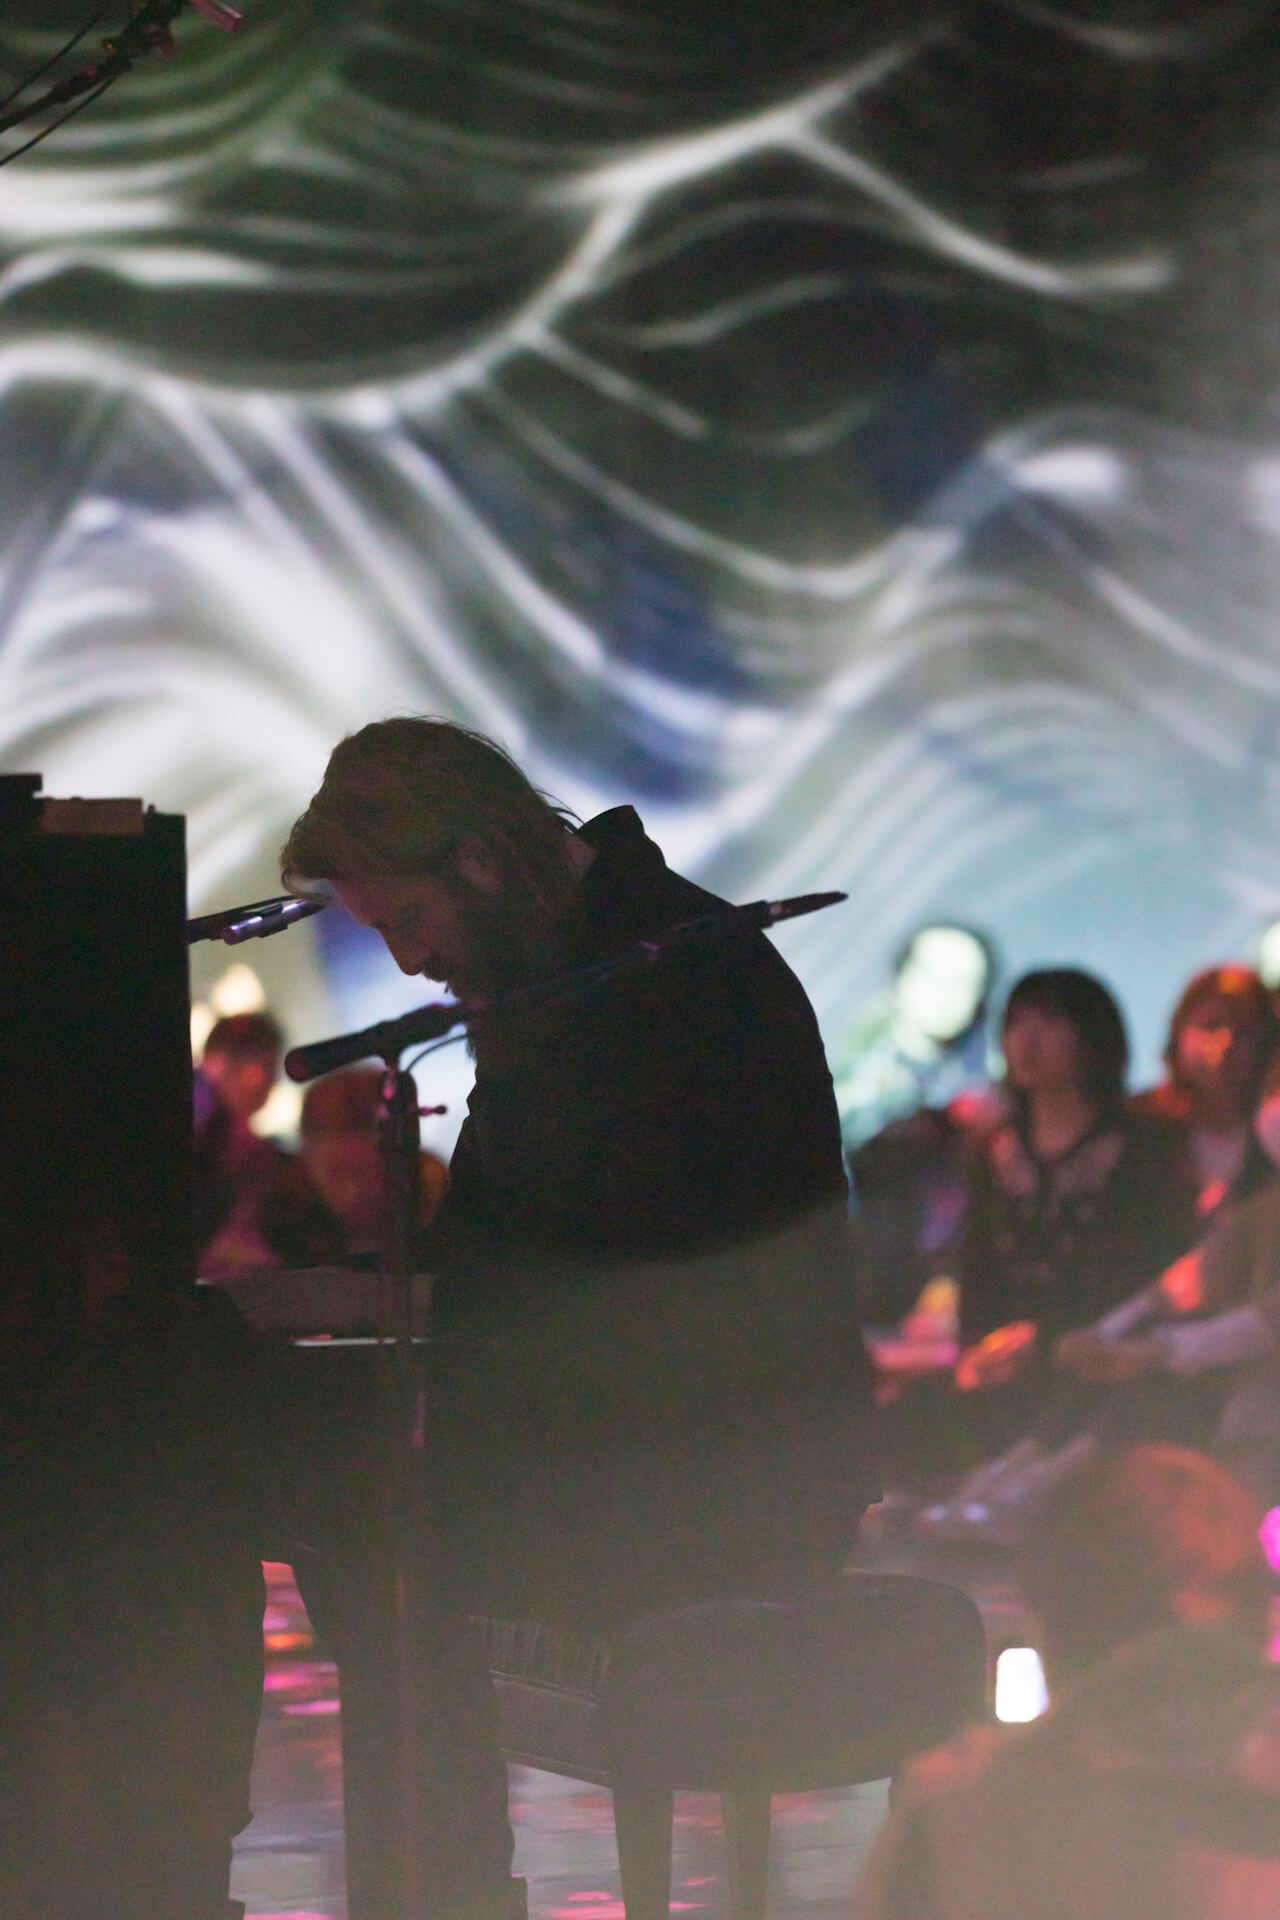 癒しのピアニスト・ユップ・ベヴィンに訊く、ダークトーンの音楽を人々が求める理由 interview190329-joep-10